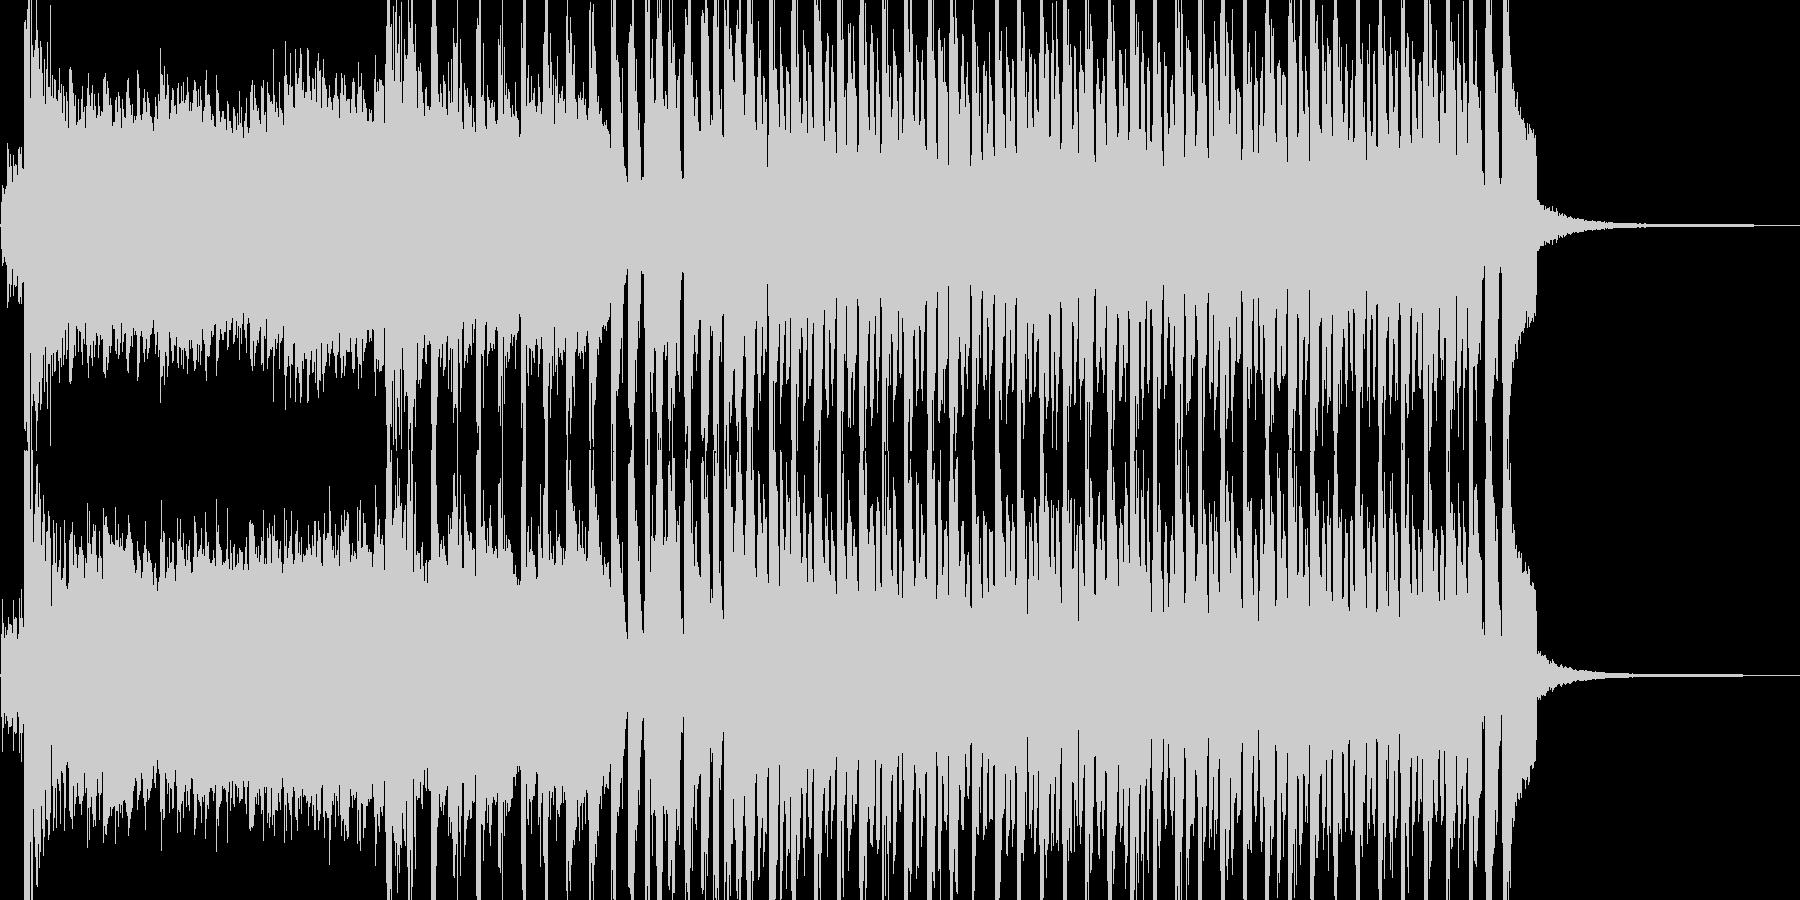 ポップで華やかな登場シーン BGMの未再生の波形